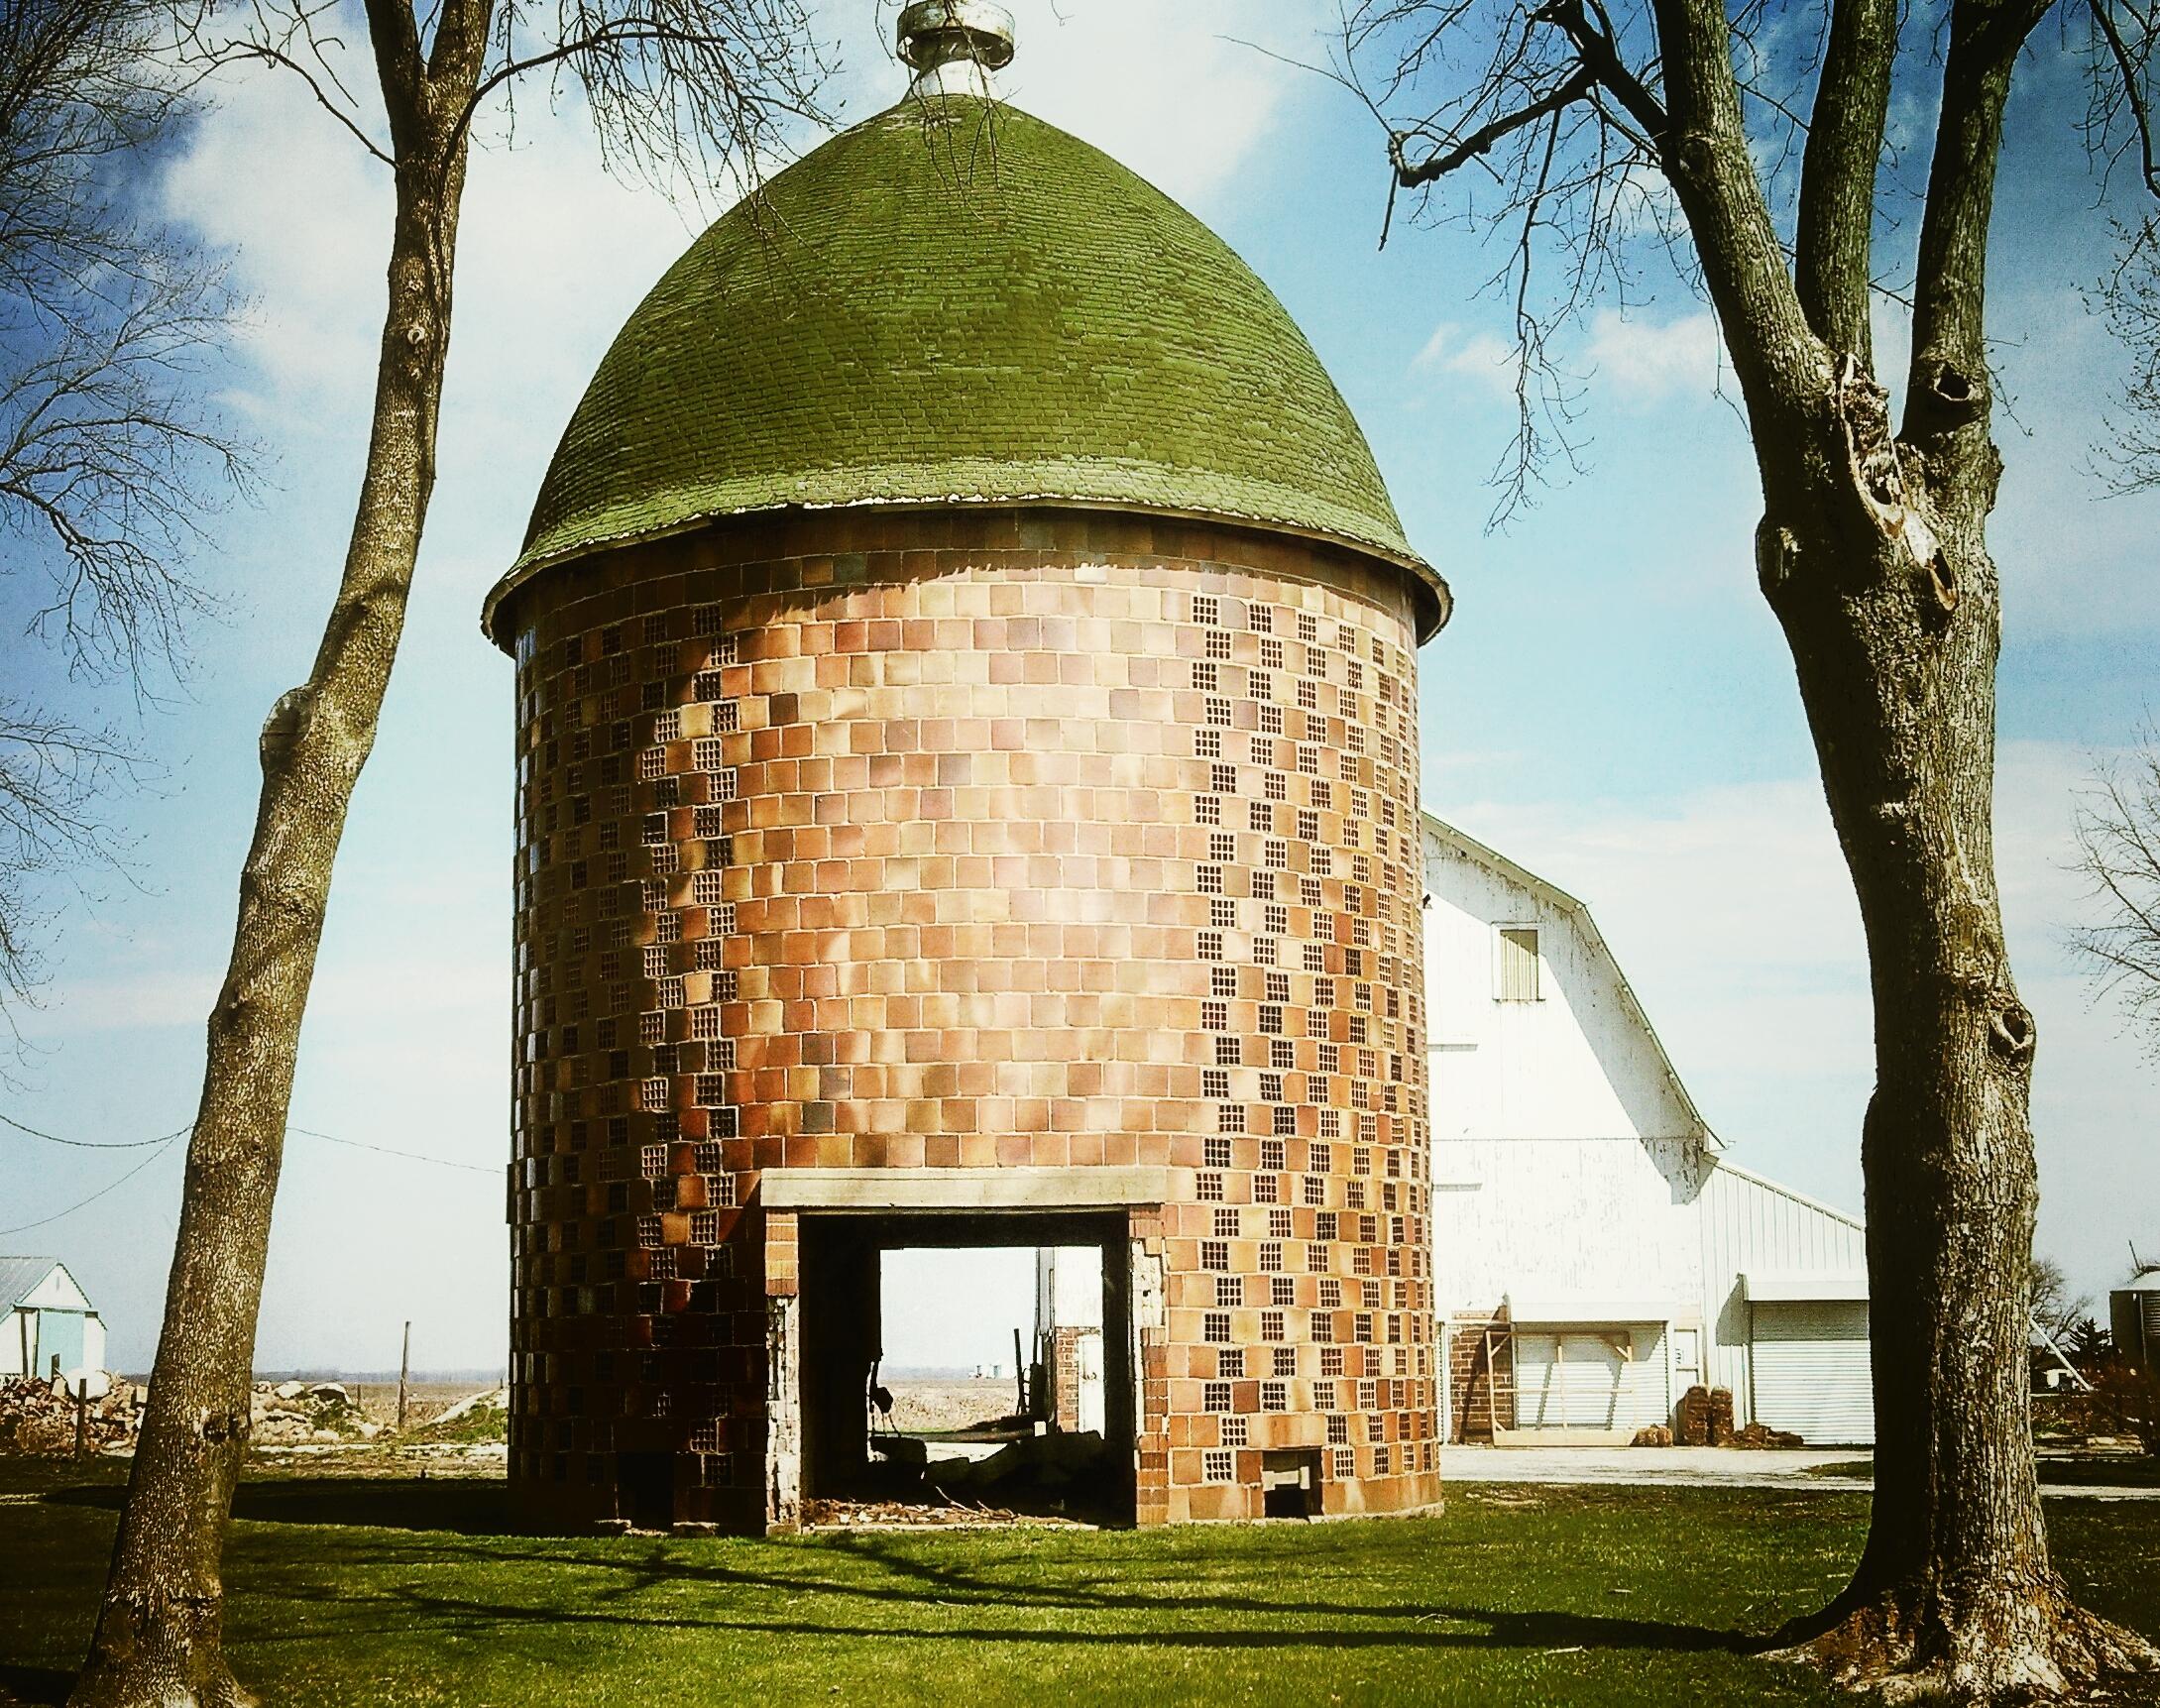 fehr's silo